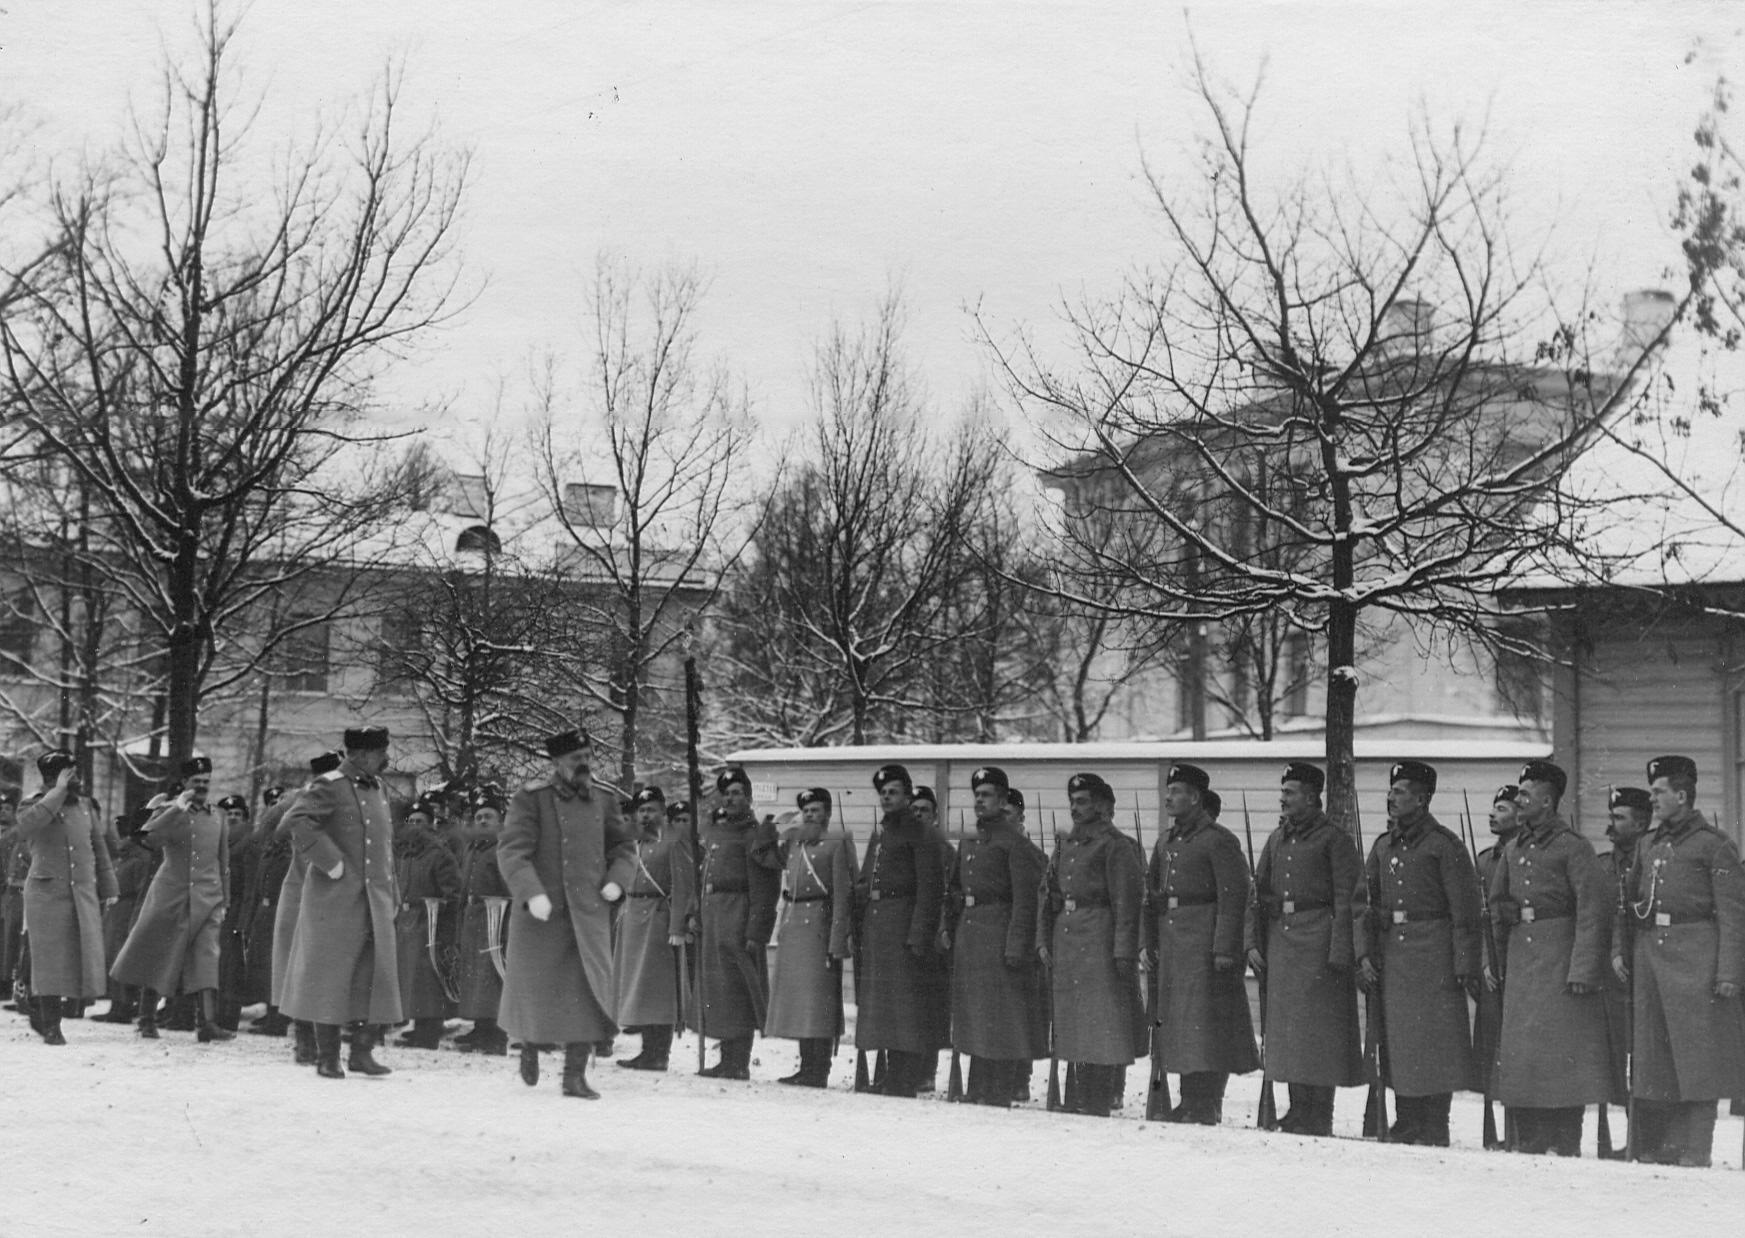 Великий князь Владимир Александрович обходит строй  2-го Царскосельского стрелкового батальона во время парада.до 1909